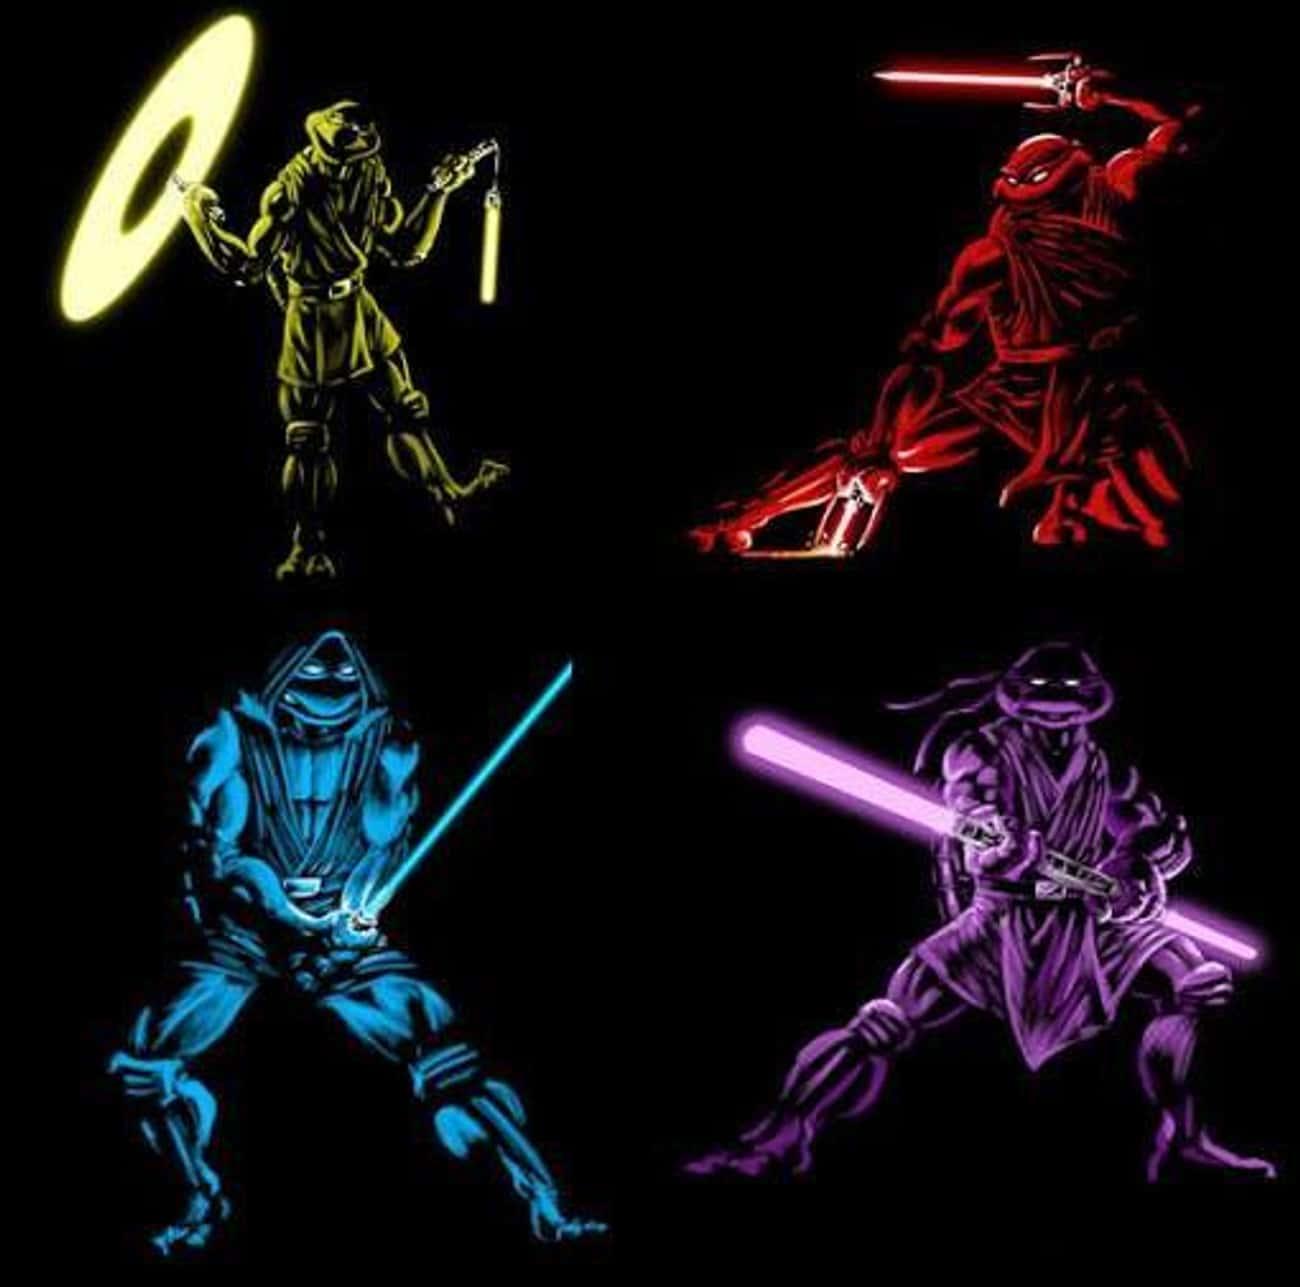 Teenage Mutant Jedi Turtles is listed (or ranked) 1 on the list 22 Pop Culture Icons Reimagined As Teenage Mutant Ninja Turtles